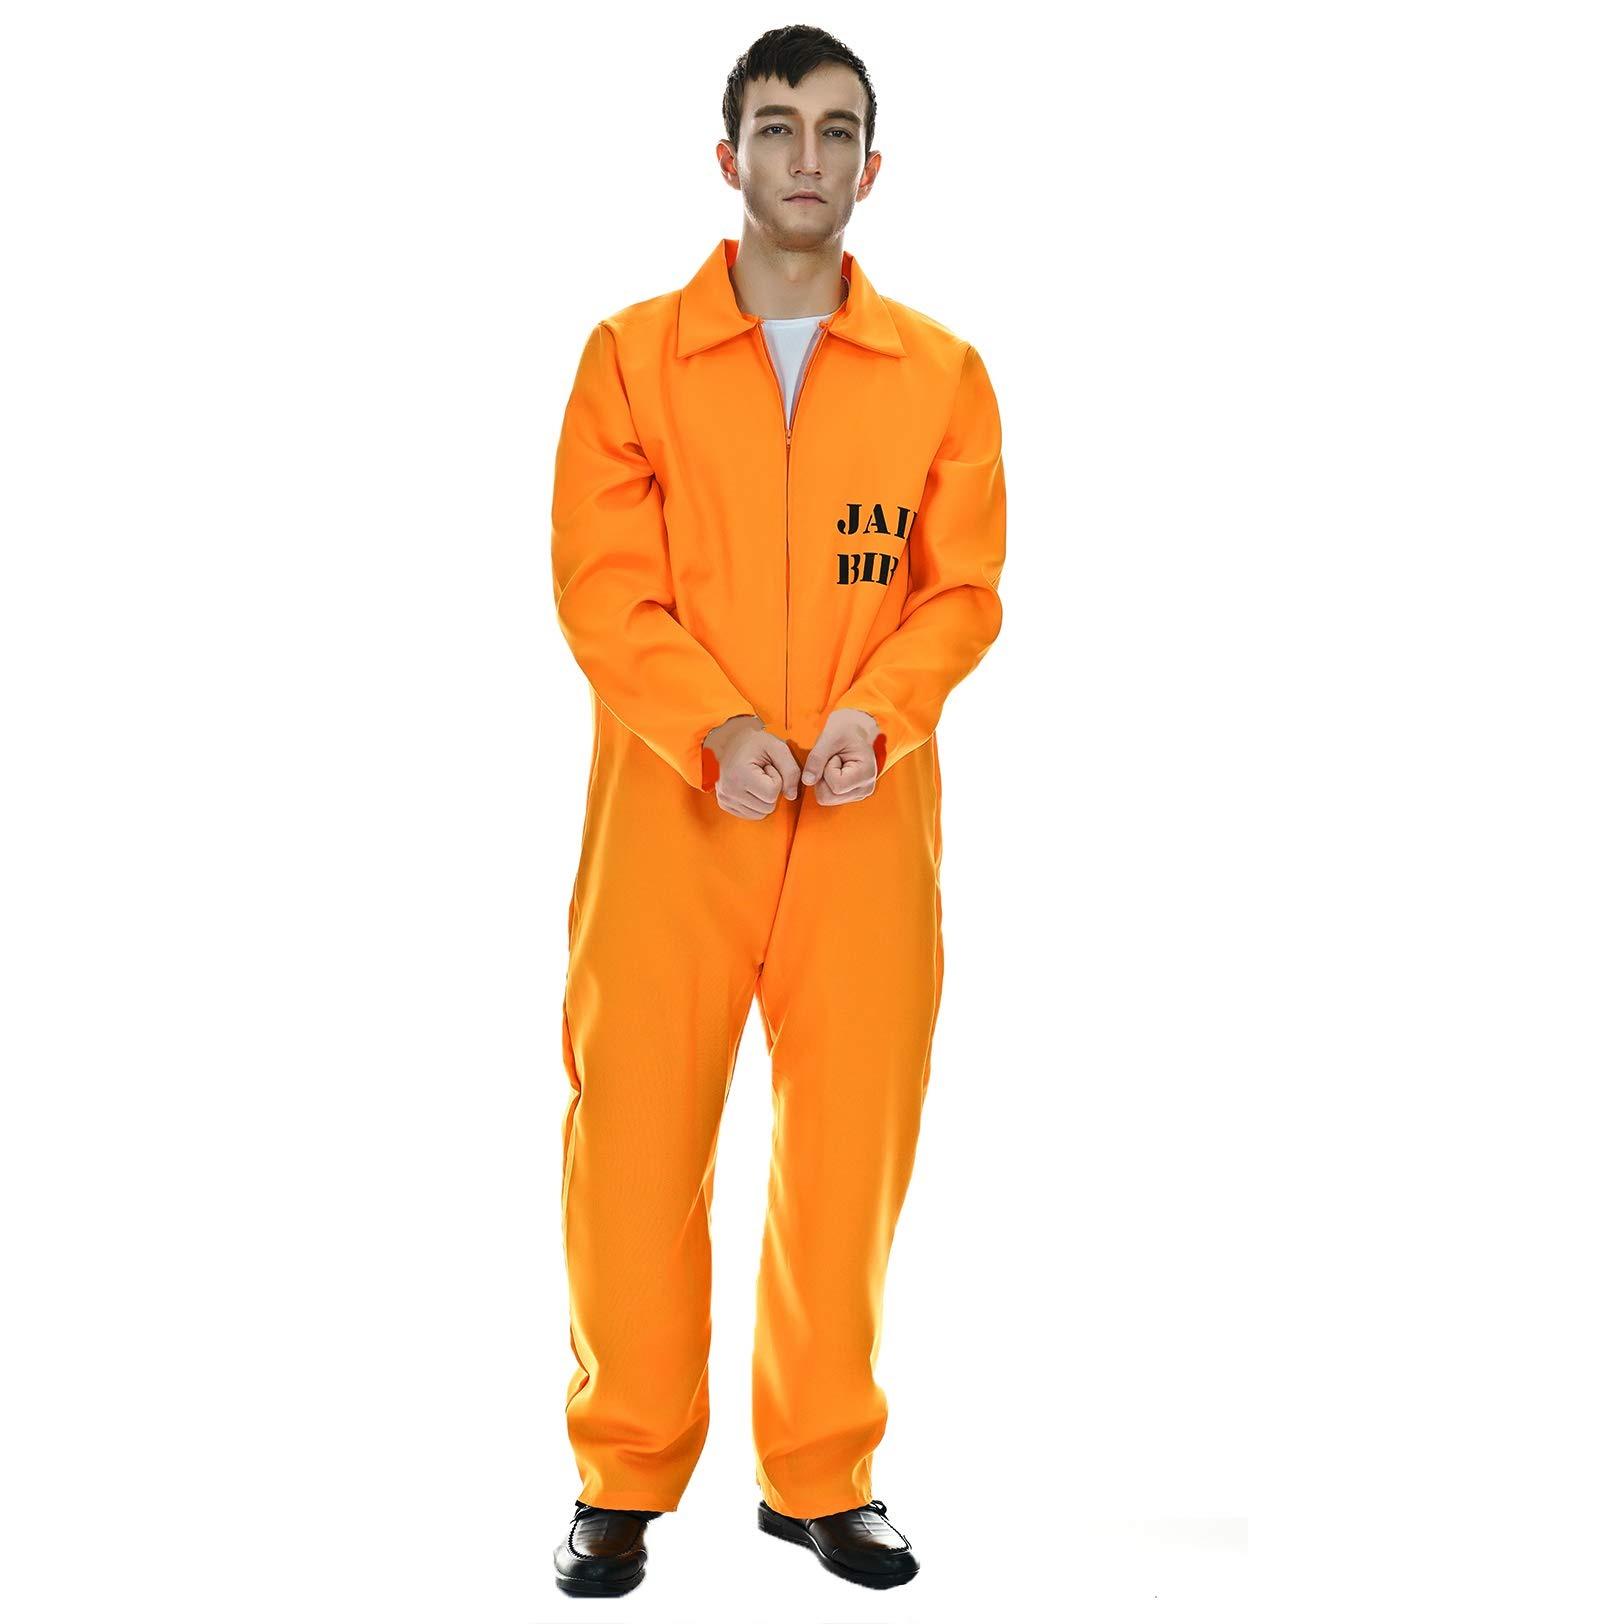 ++พร้อมส่ง++ชุดนักโทษ ชุดคนคุก ชุดนักโทษสีส้ม